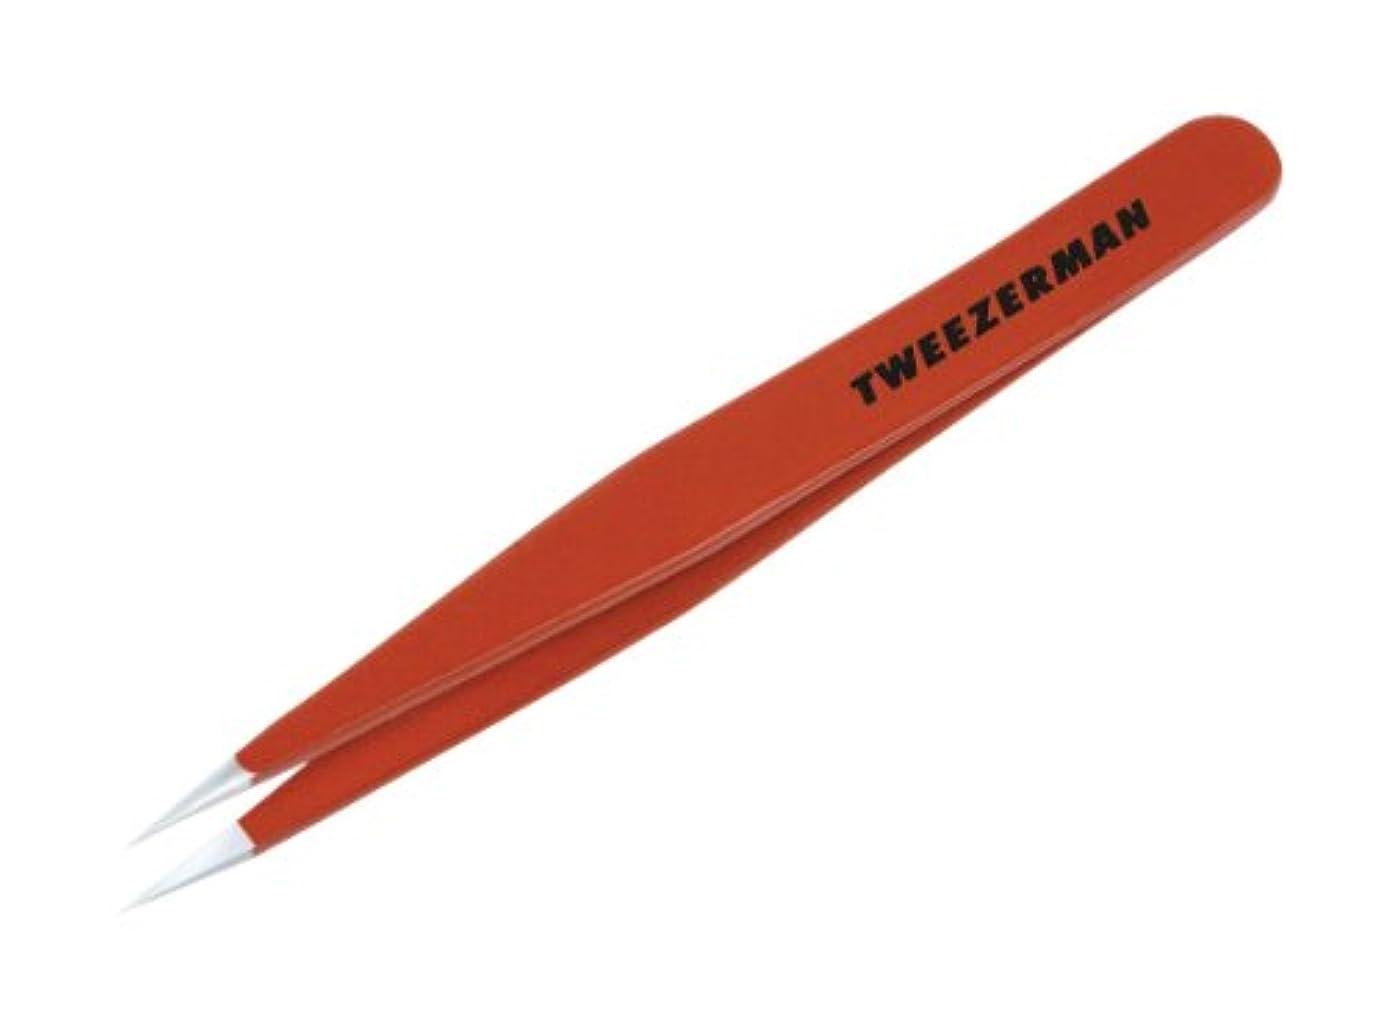 ひまわりご近所計算可能TWEEZERMAN ポイント ツイーザー レッド 58400-089